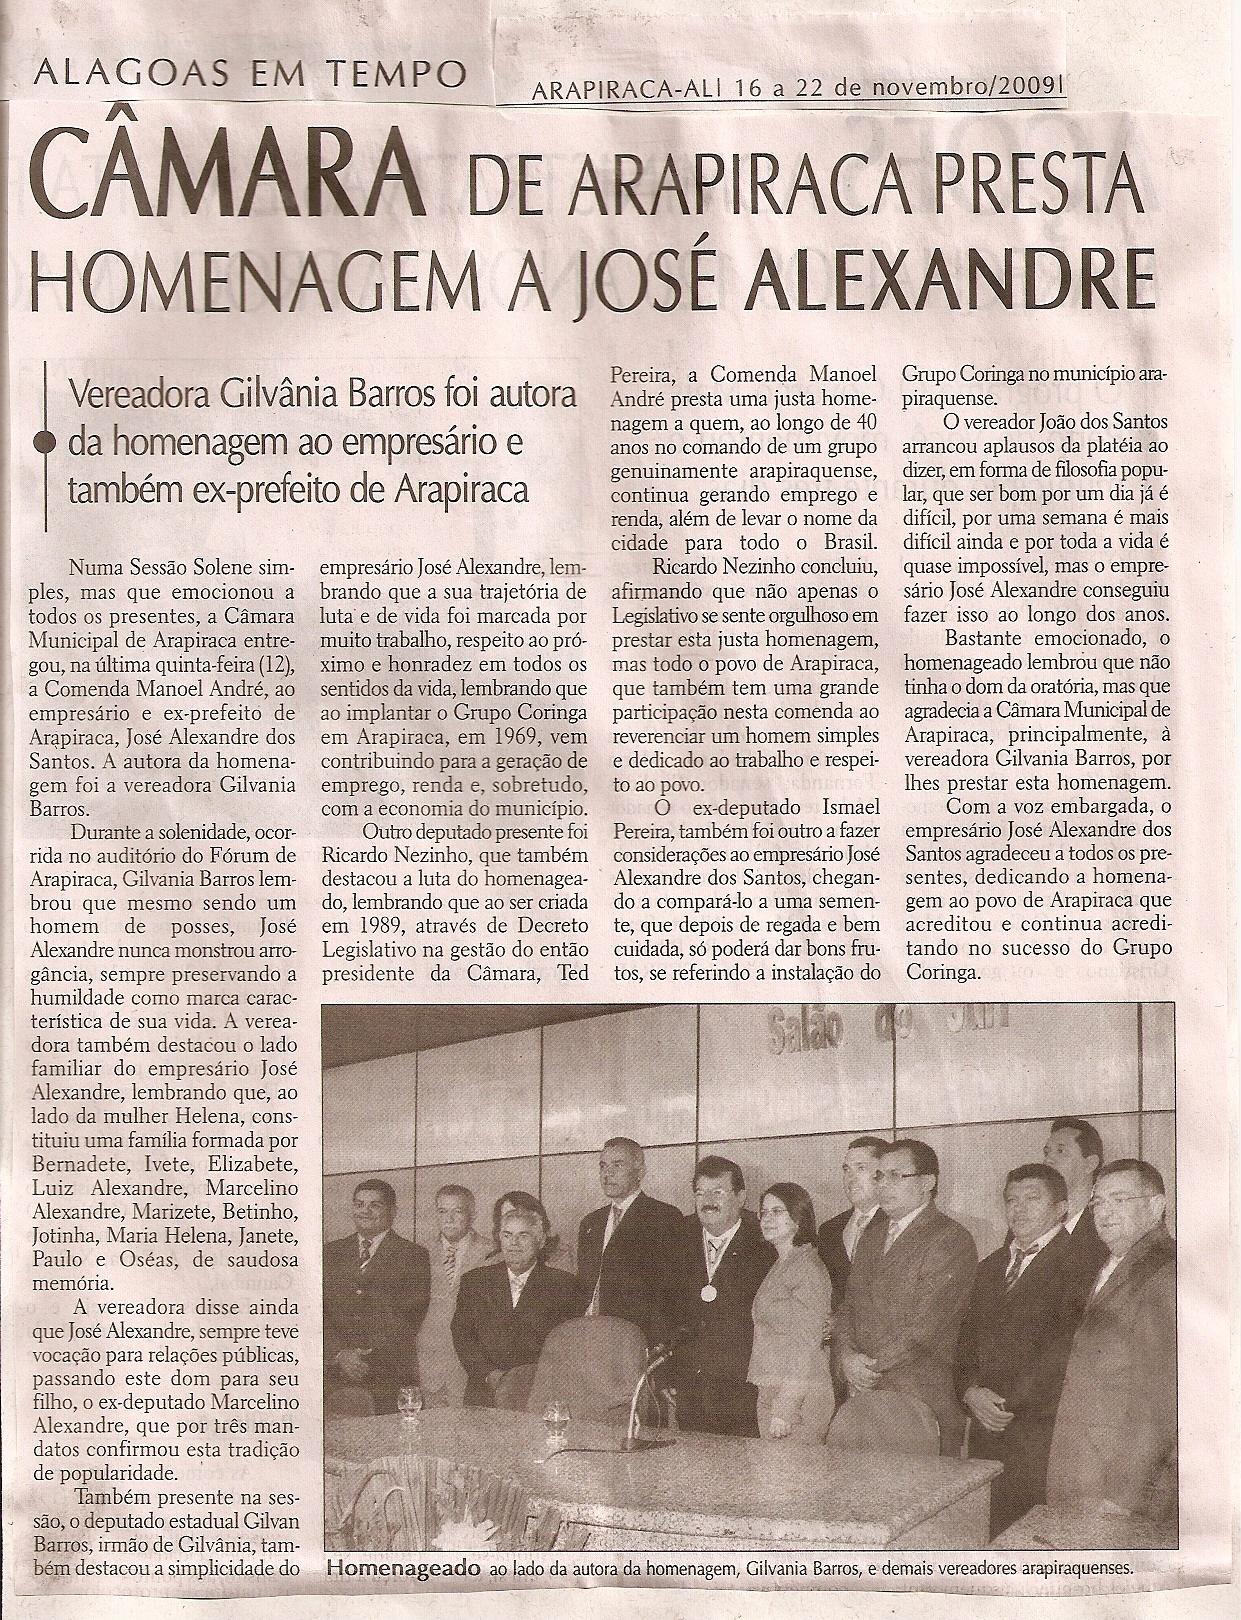 alagoas_em_tempo_22_11_2009